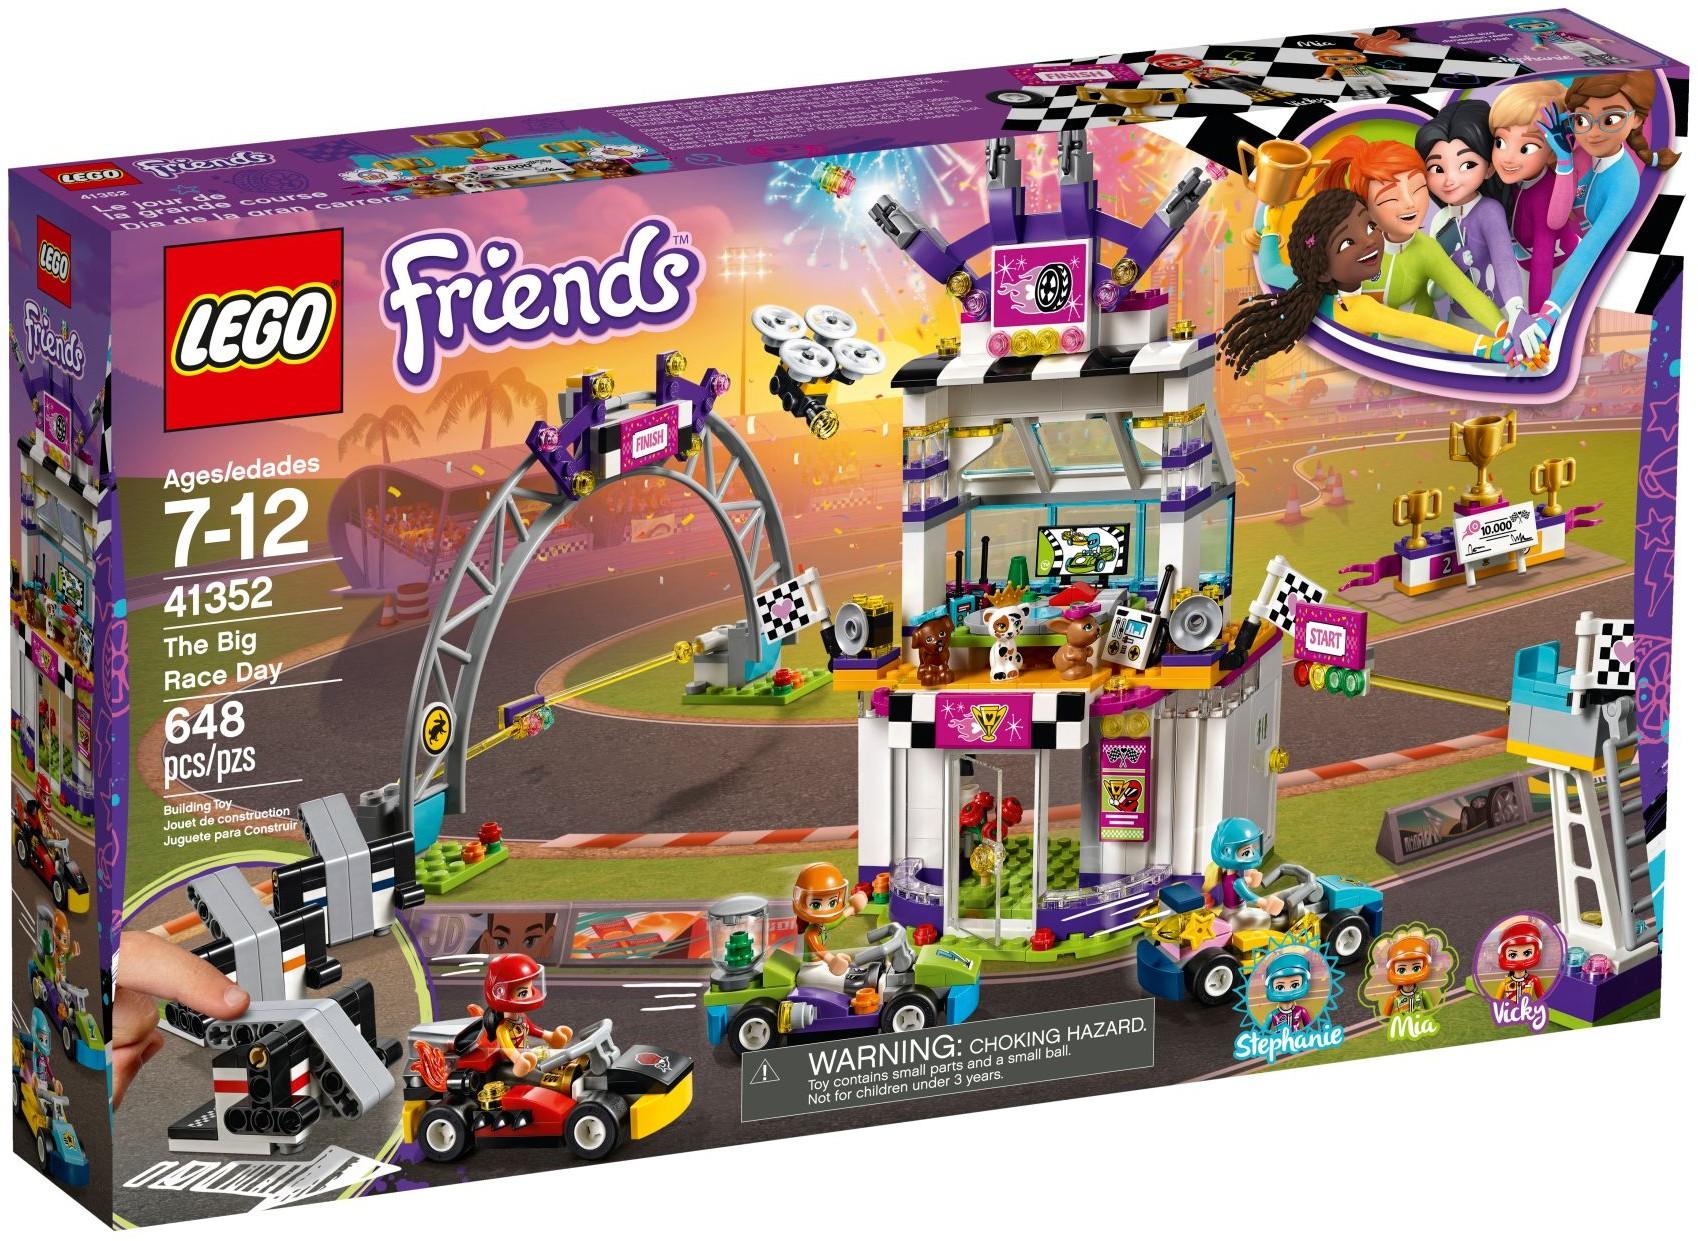 Wiki Big Race Fandom Friends By Wikia Day41352Lego The Powered XiZPuOk